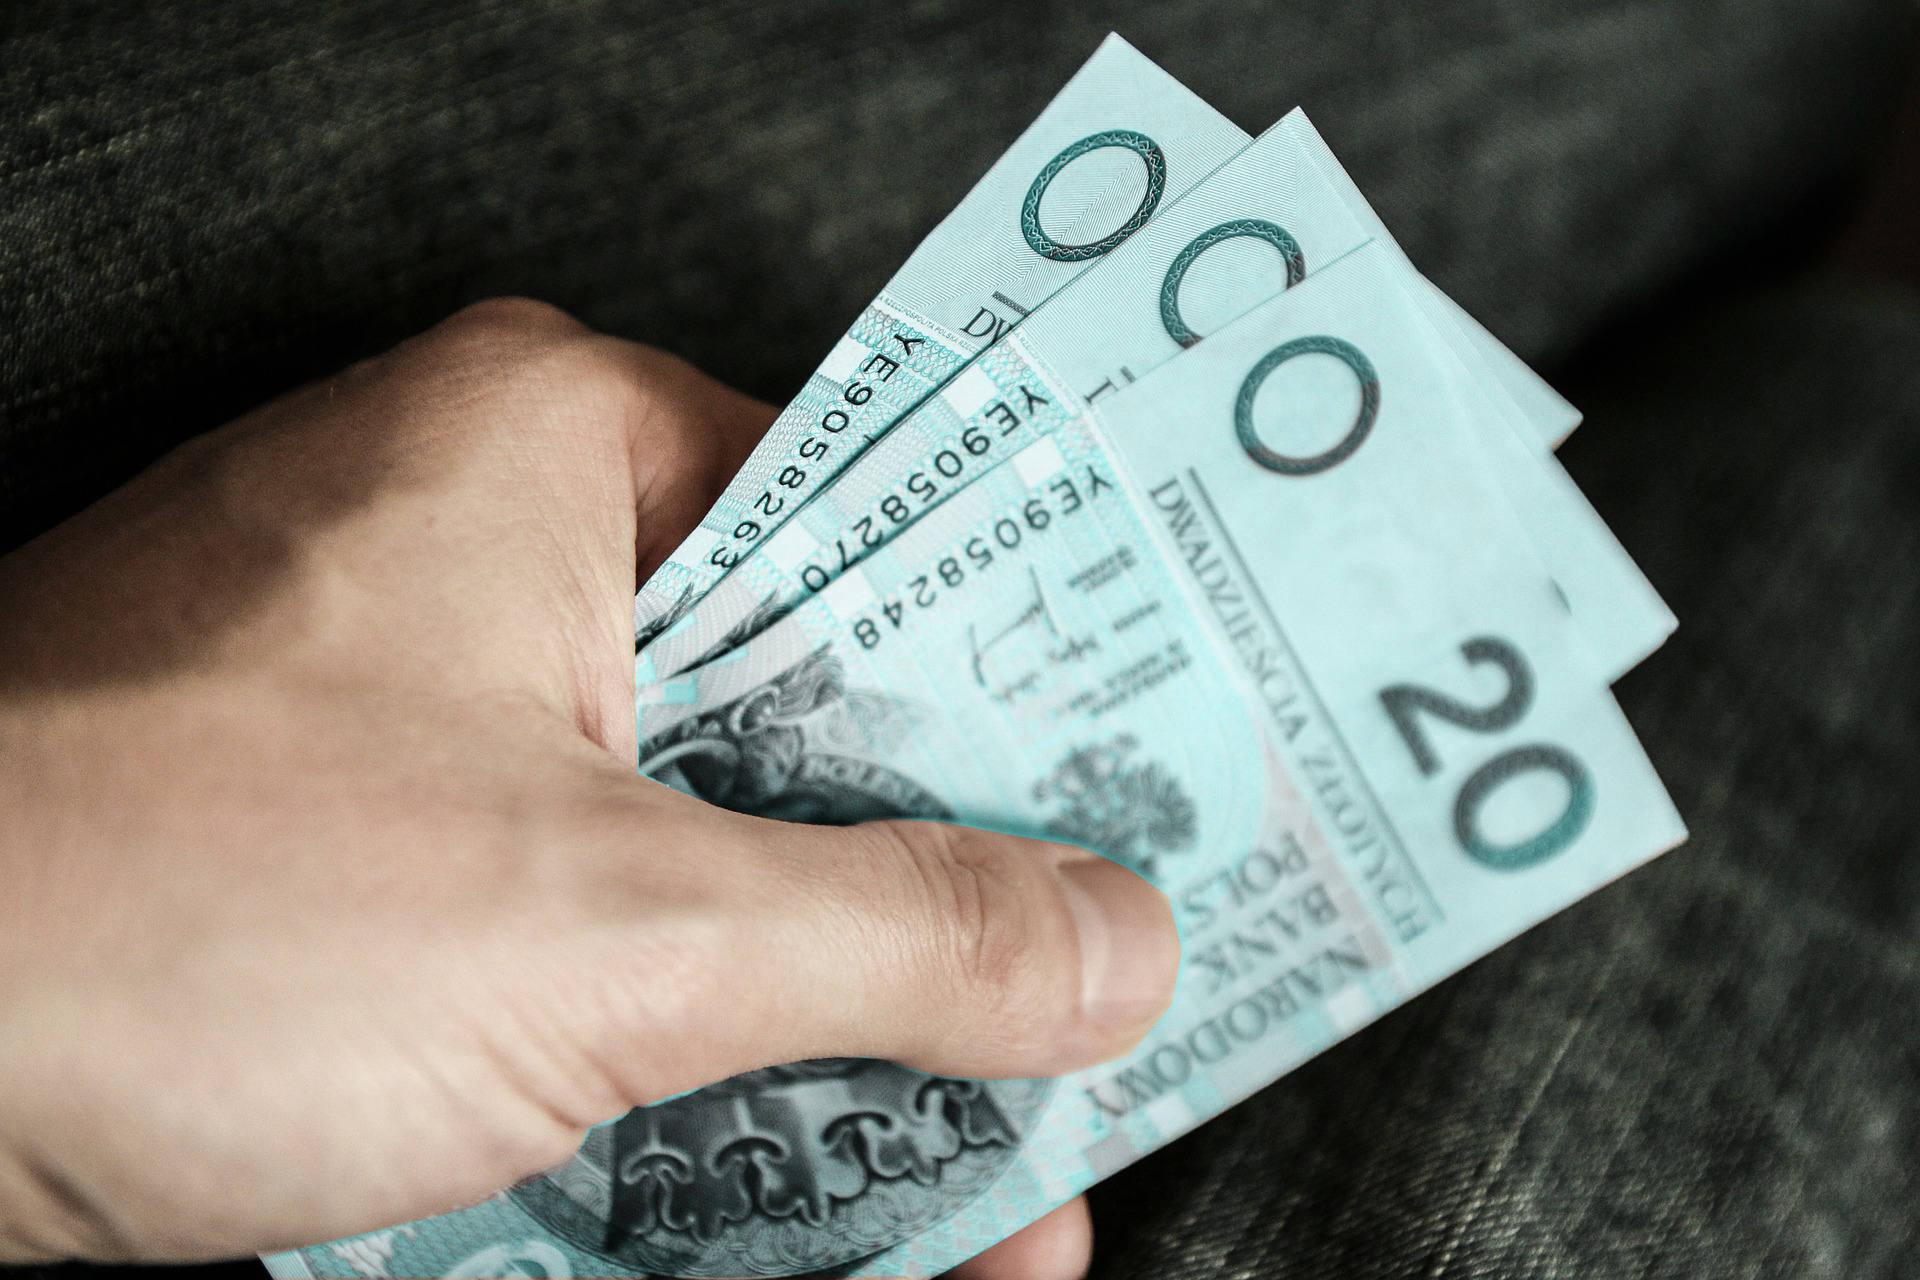 Akkreditiv Kosten - Es kostet oft mehr als nur ein paar Scheine...